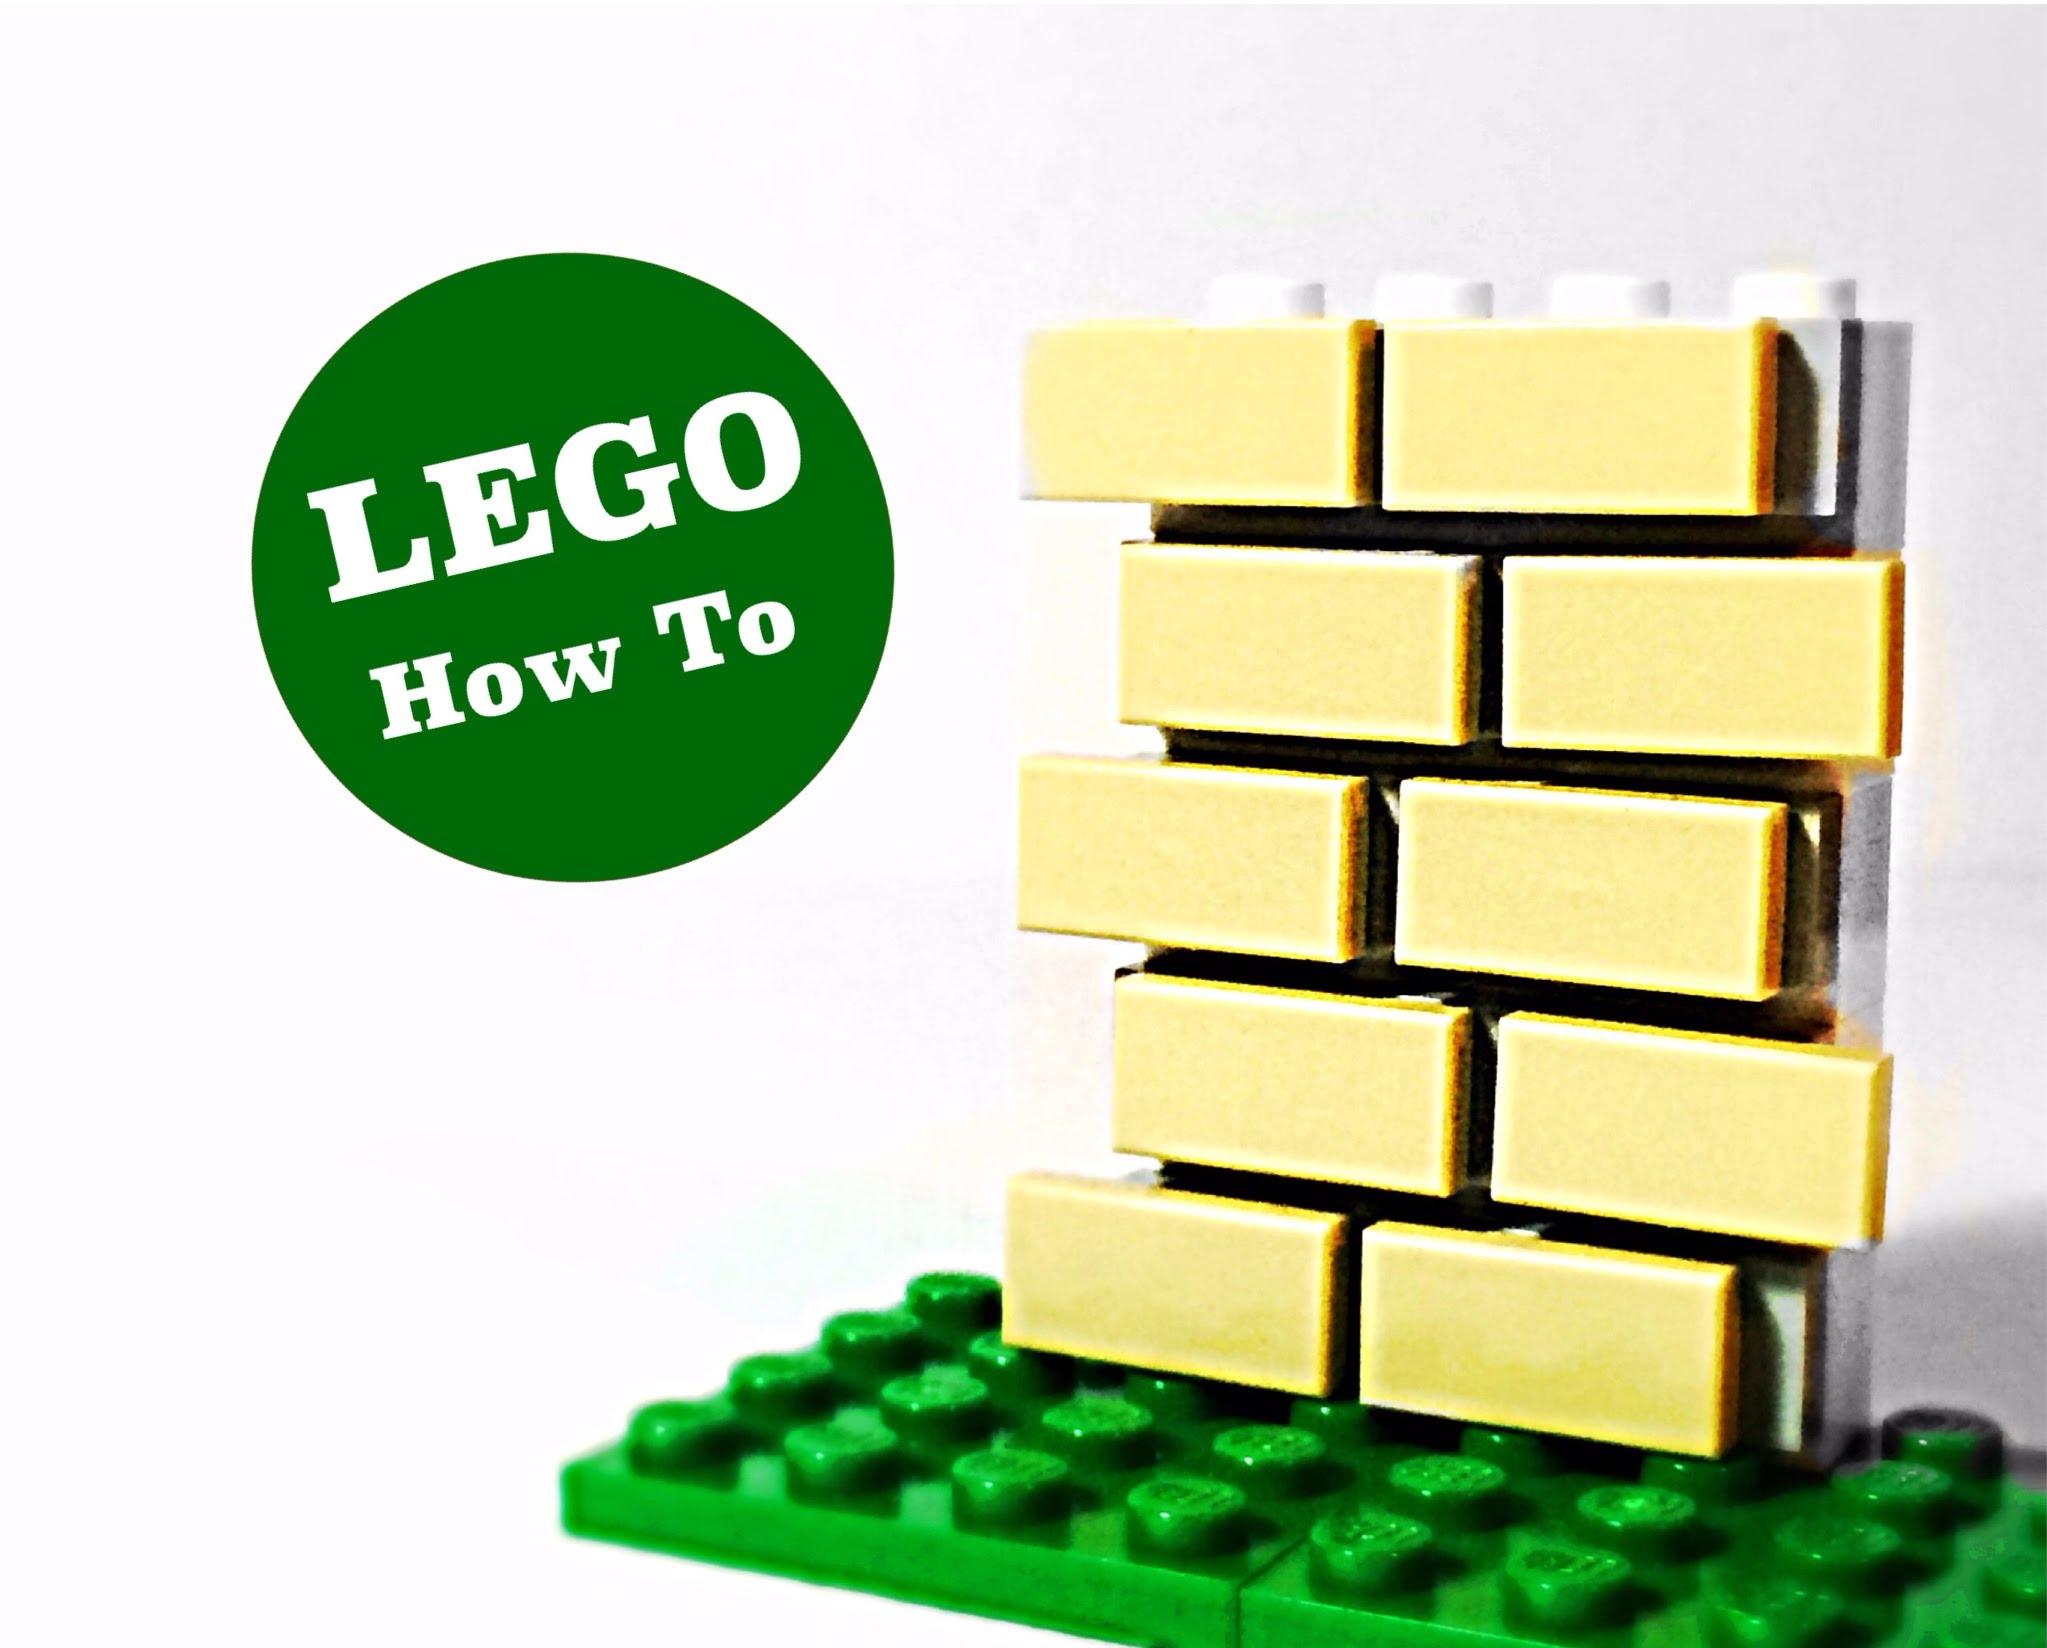 Lego clipart brick wall Wall Brick To: Brick LEGO